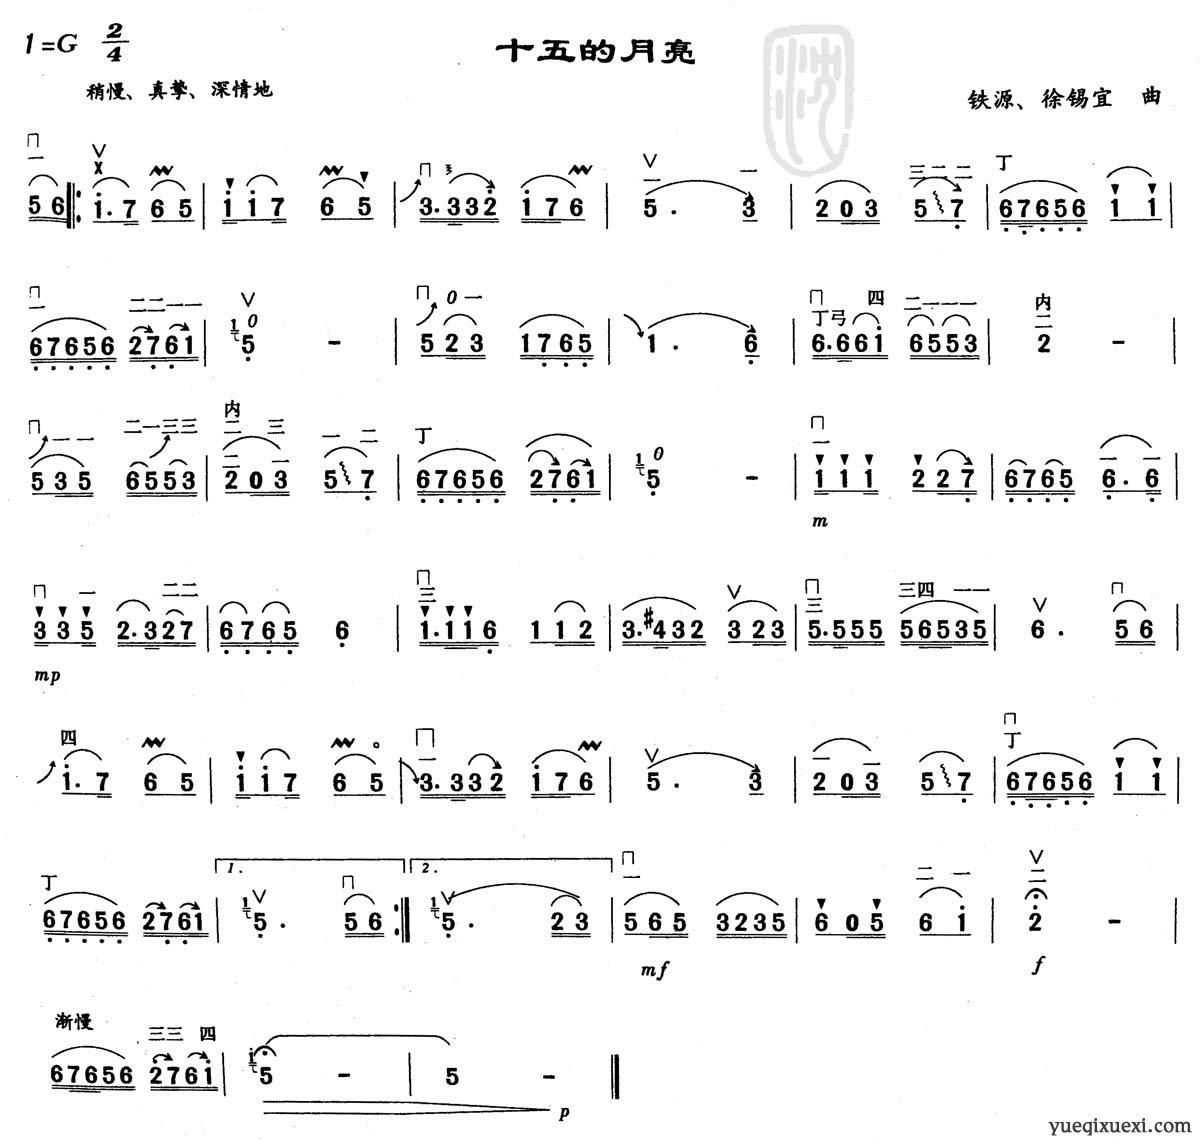 二胡曲谱:十五的月亮图片